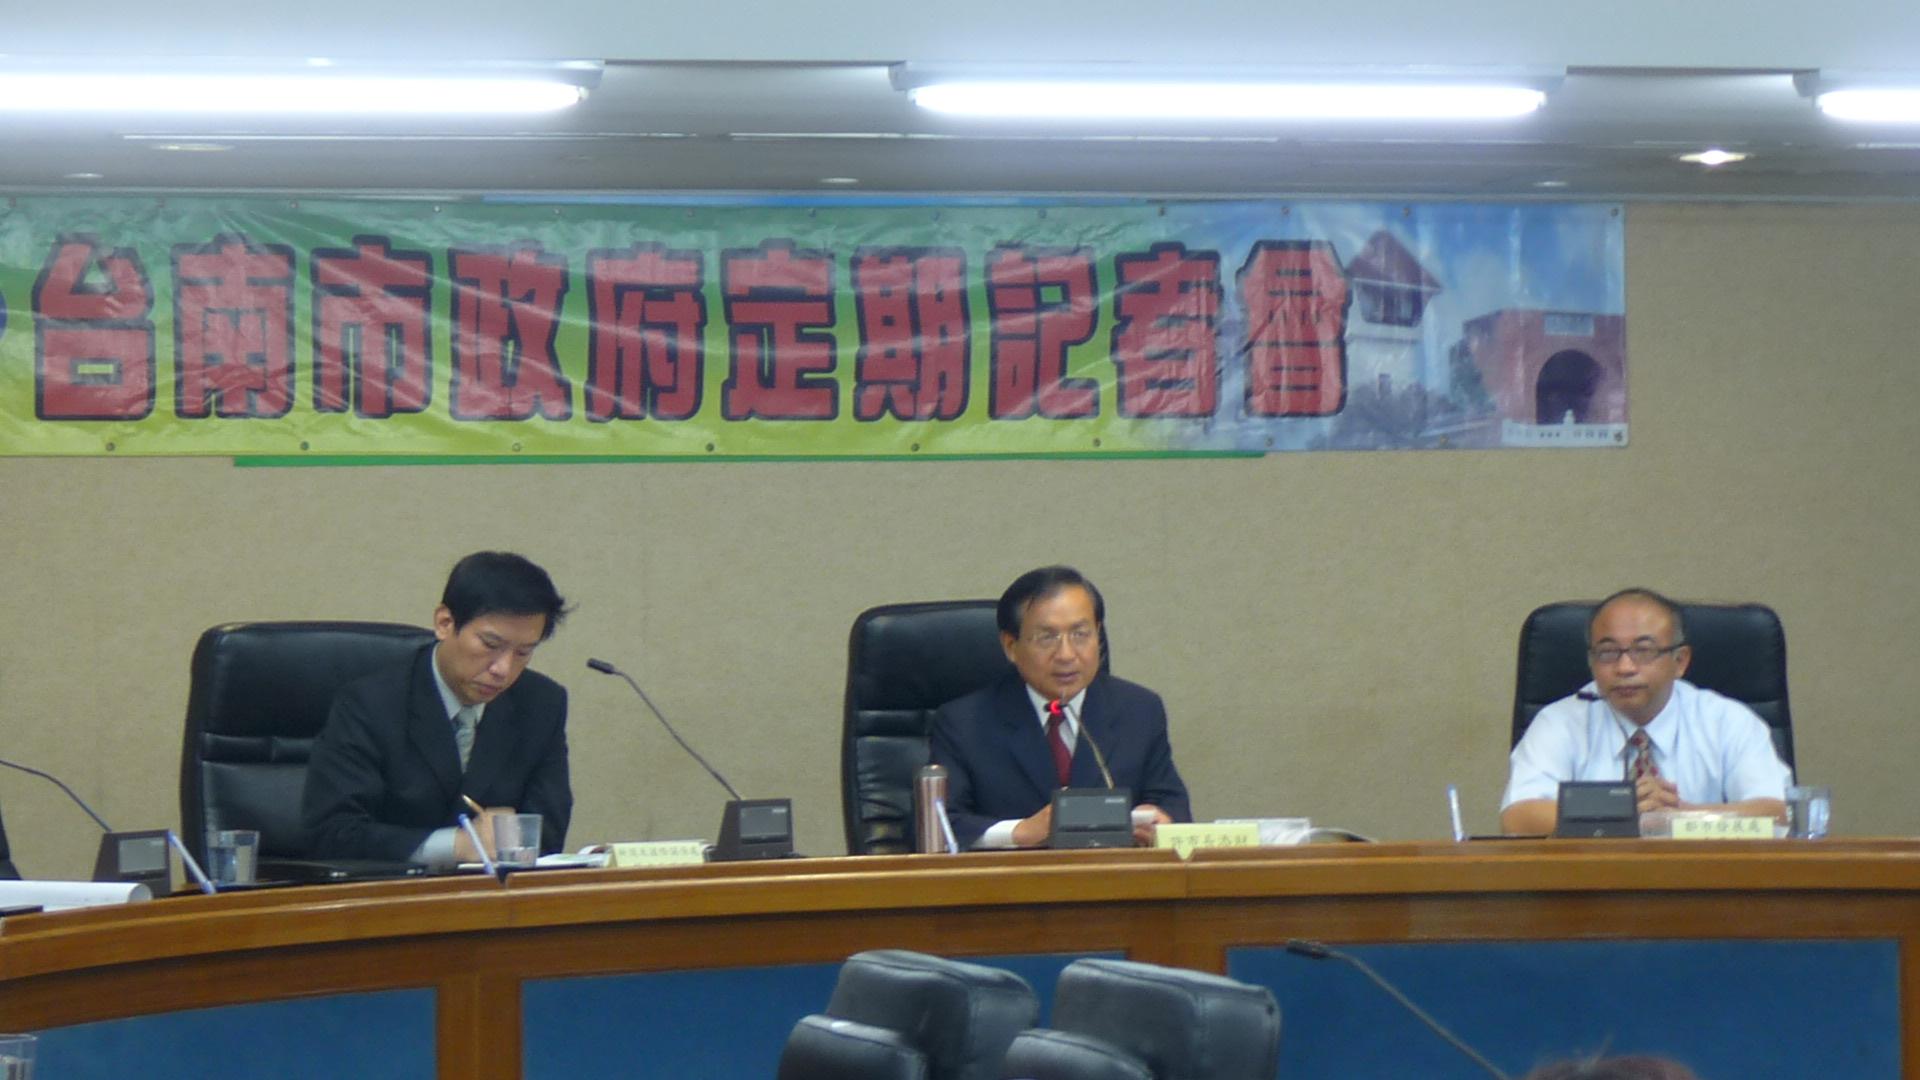 2010市府都市發展處定期記者會於11月24日召開  0